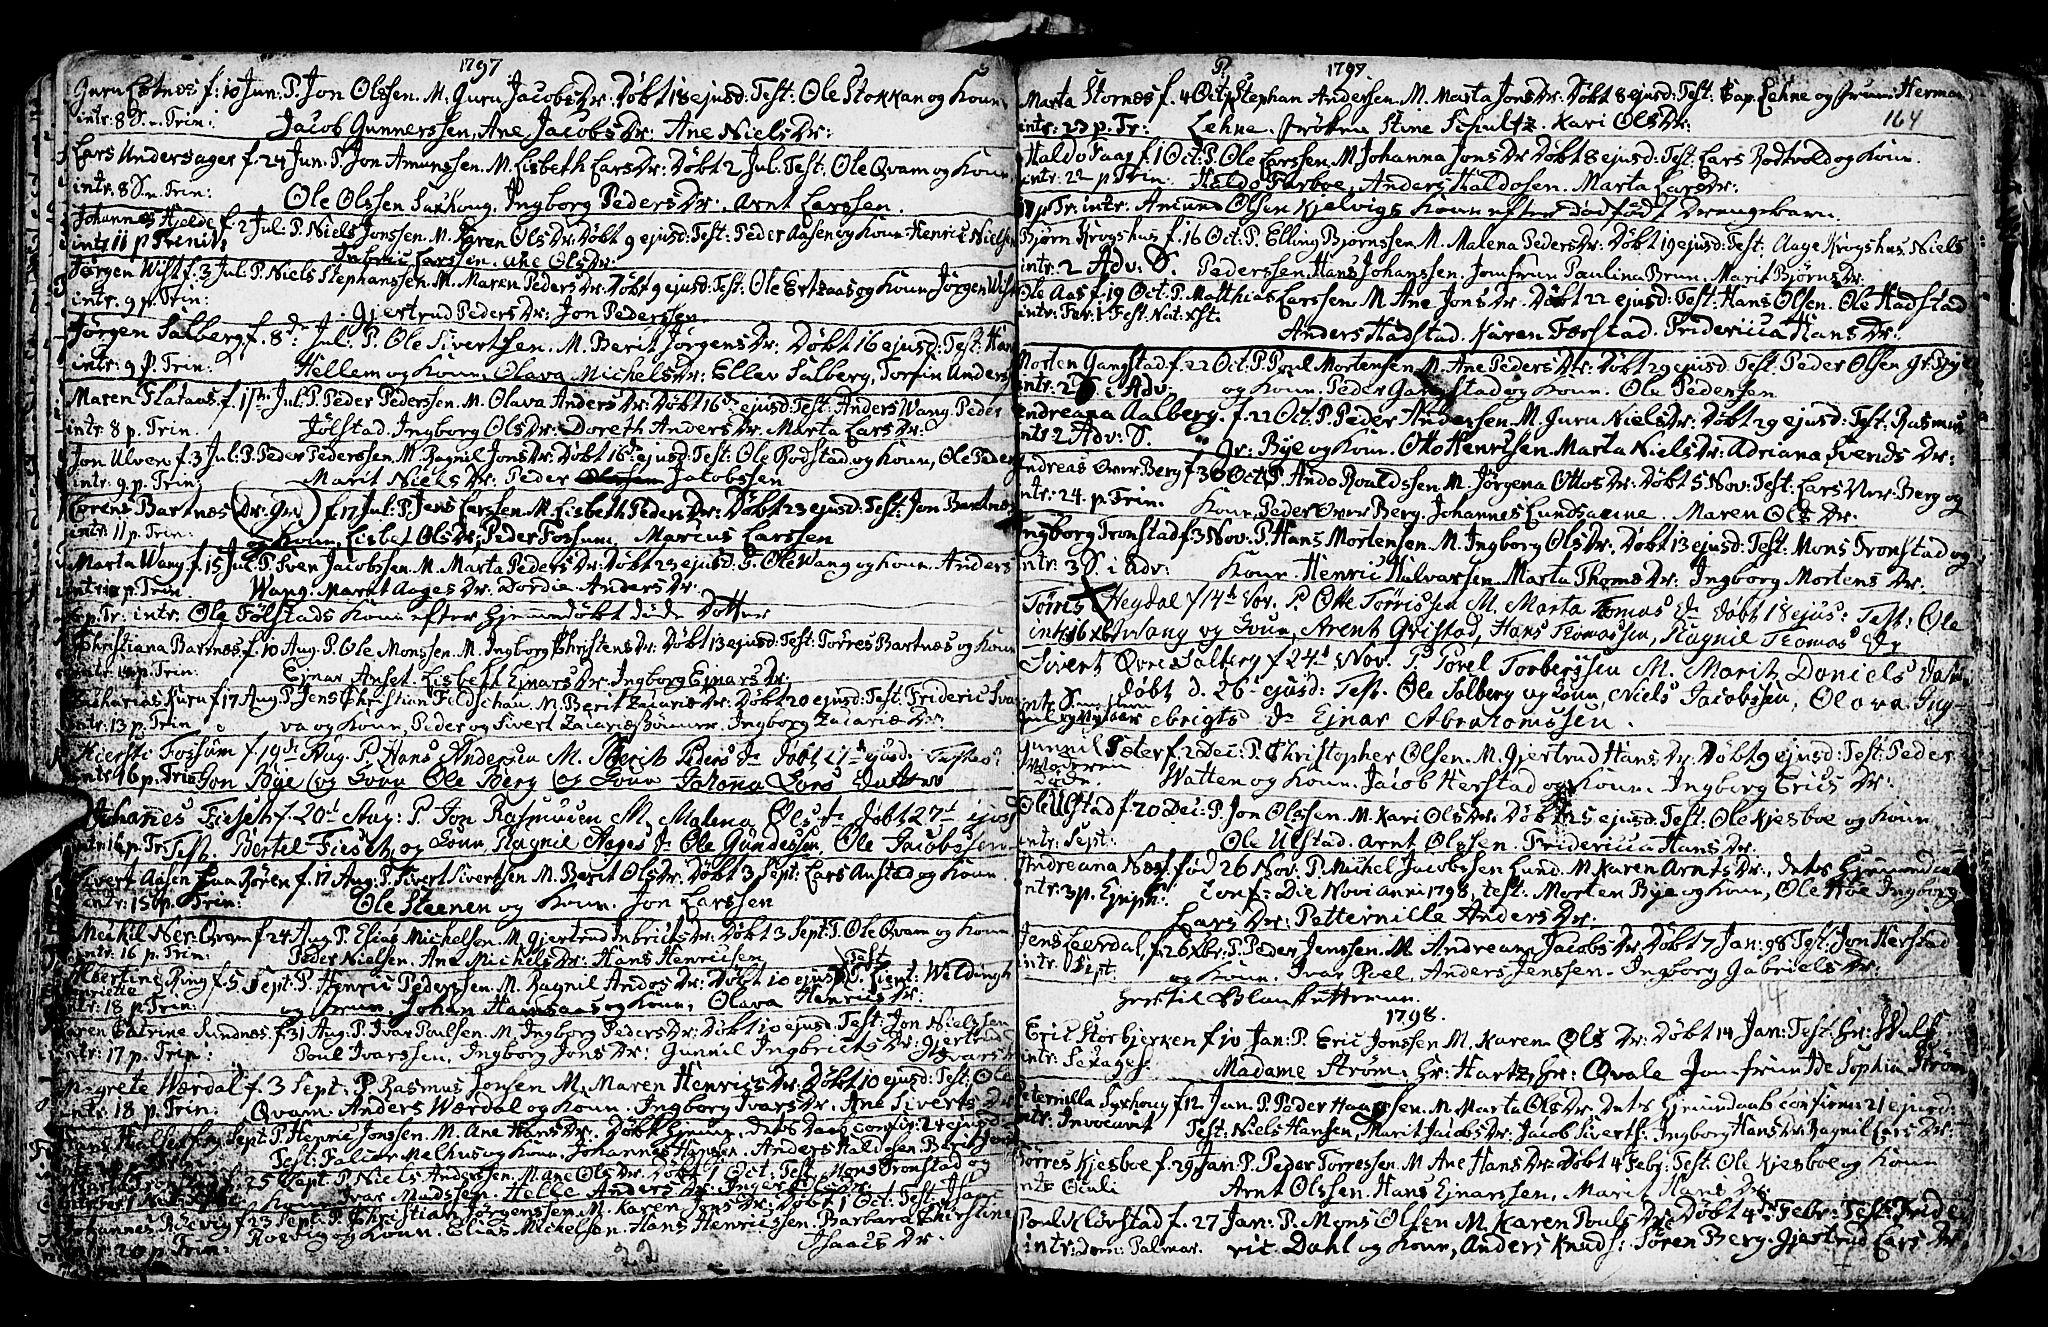 SAT, Ministerialprotokoller, klokkerbøker og fødselsregistre - Nord-Trøndelag, 730/L0273: Ministerialbok nr. 730A02, 1762-1802, s. 164